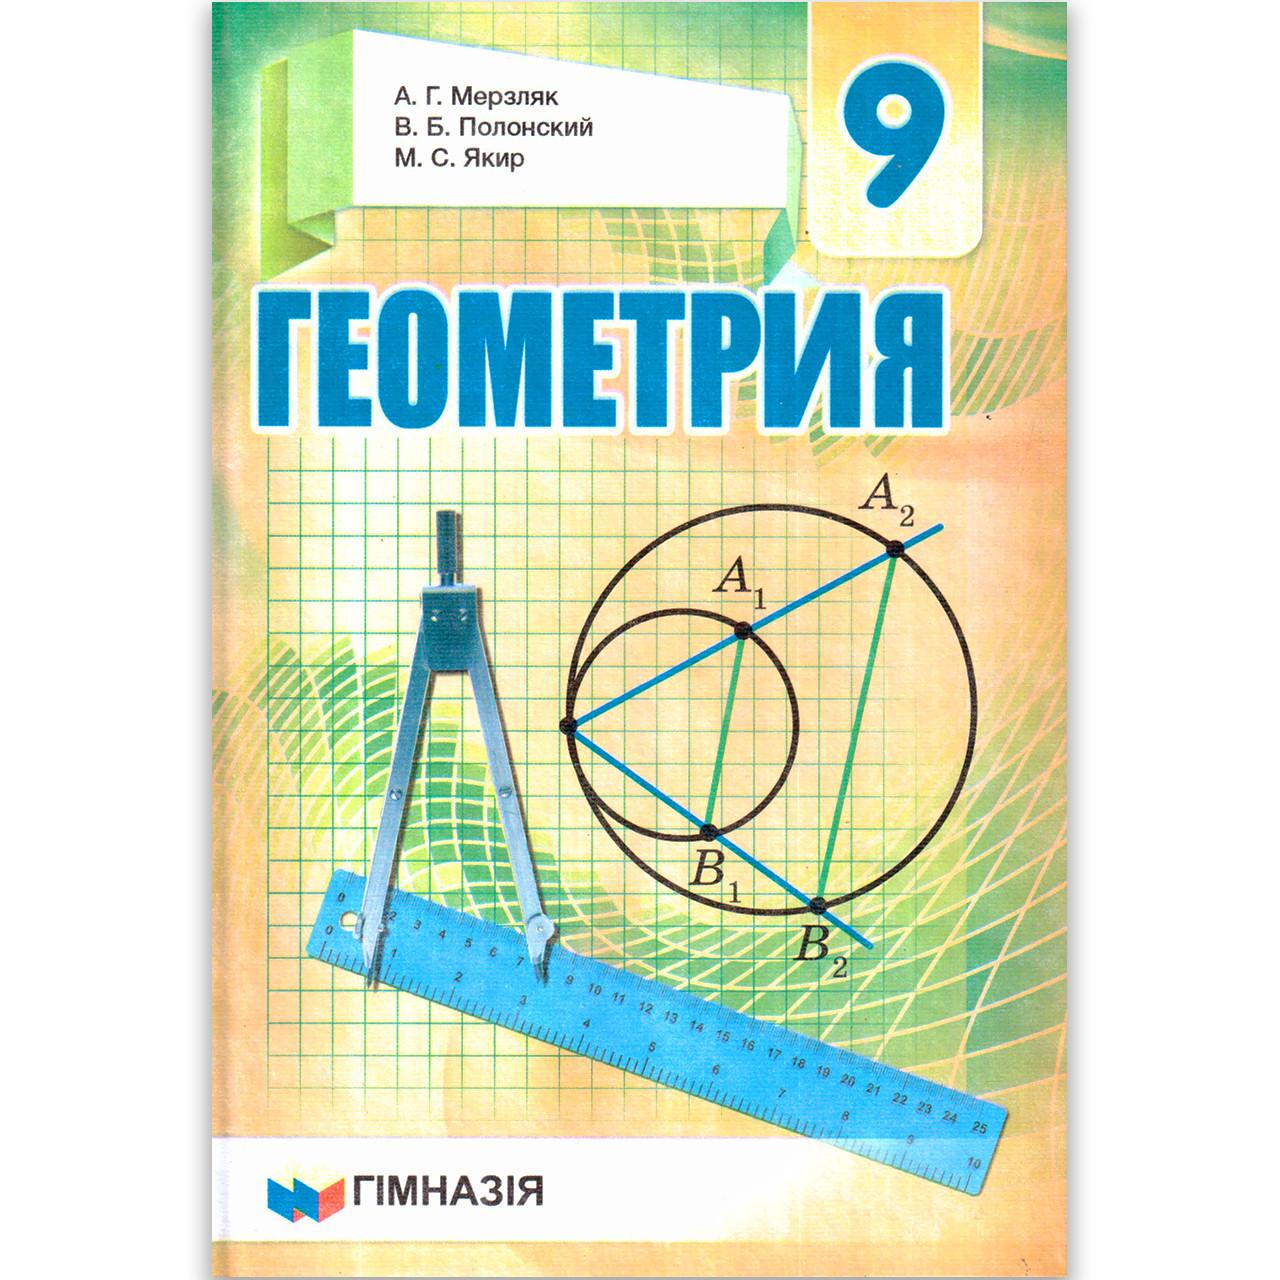 Учебник Геометрия 9 класс Авт: Мерзляк А. Полонский В. Якир М. Изд: Гімназія